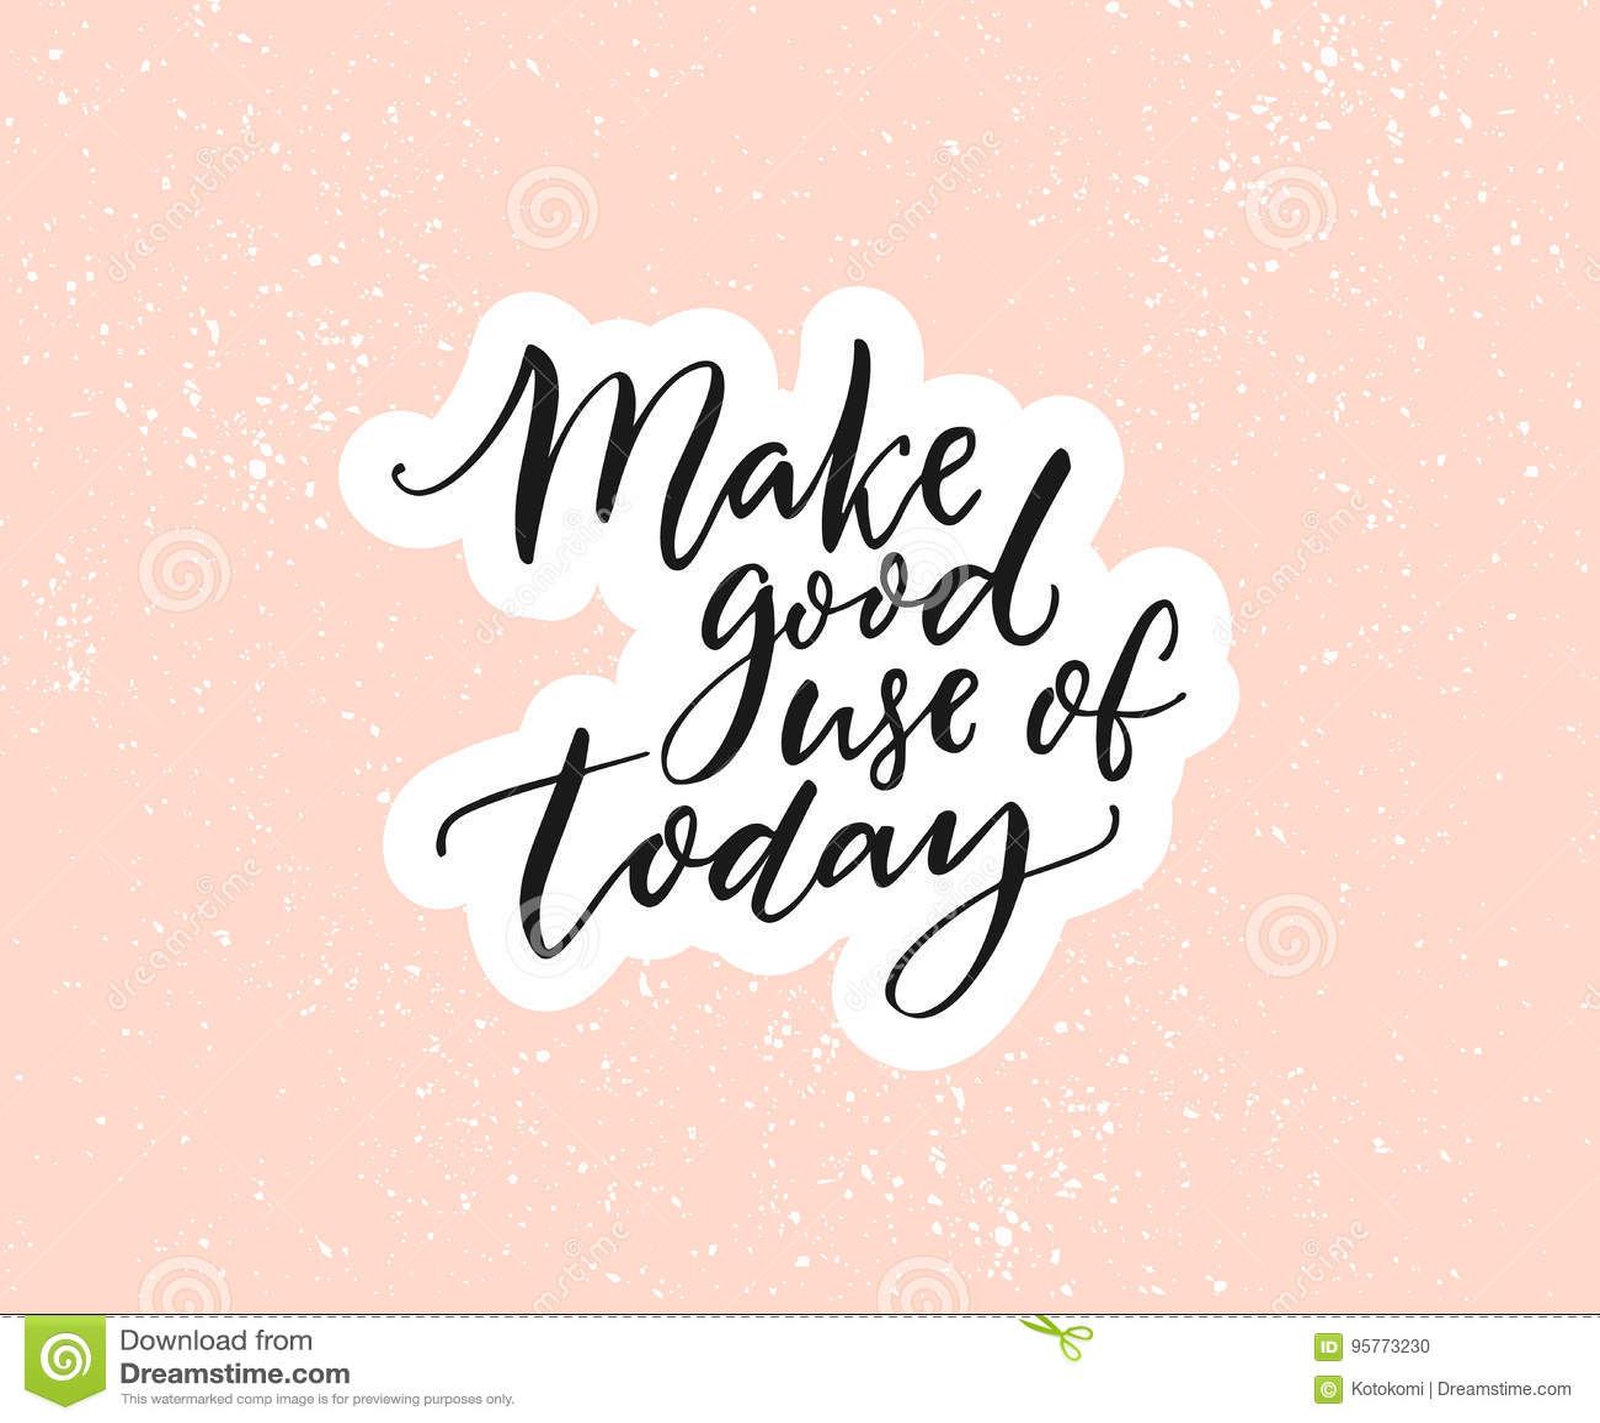 Inspirational Quotes On Pinterest: Haga El Buen Uso De Hoy Cita Inspirada, Caligrafía Del